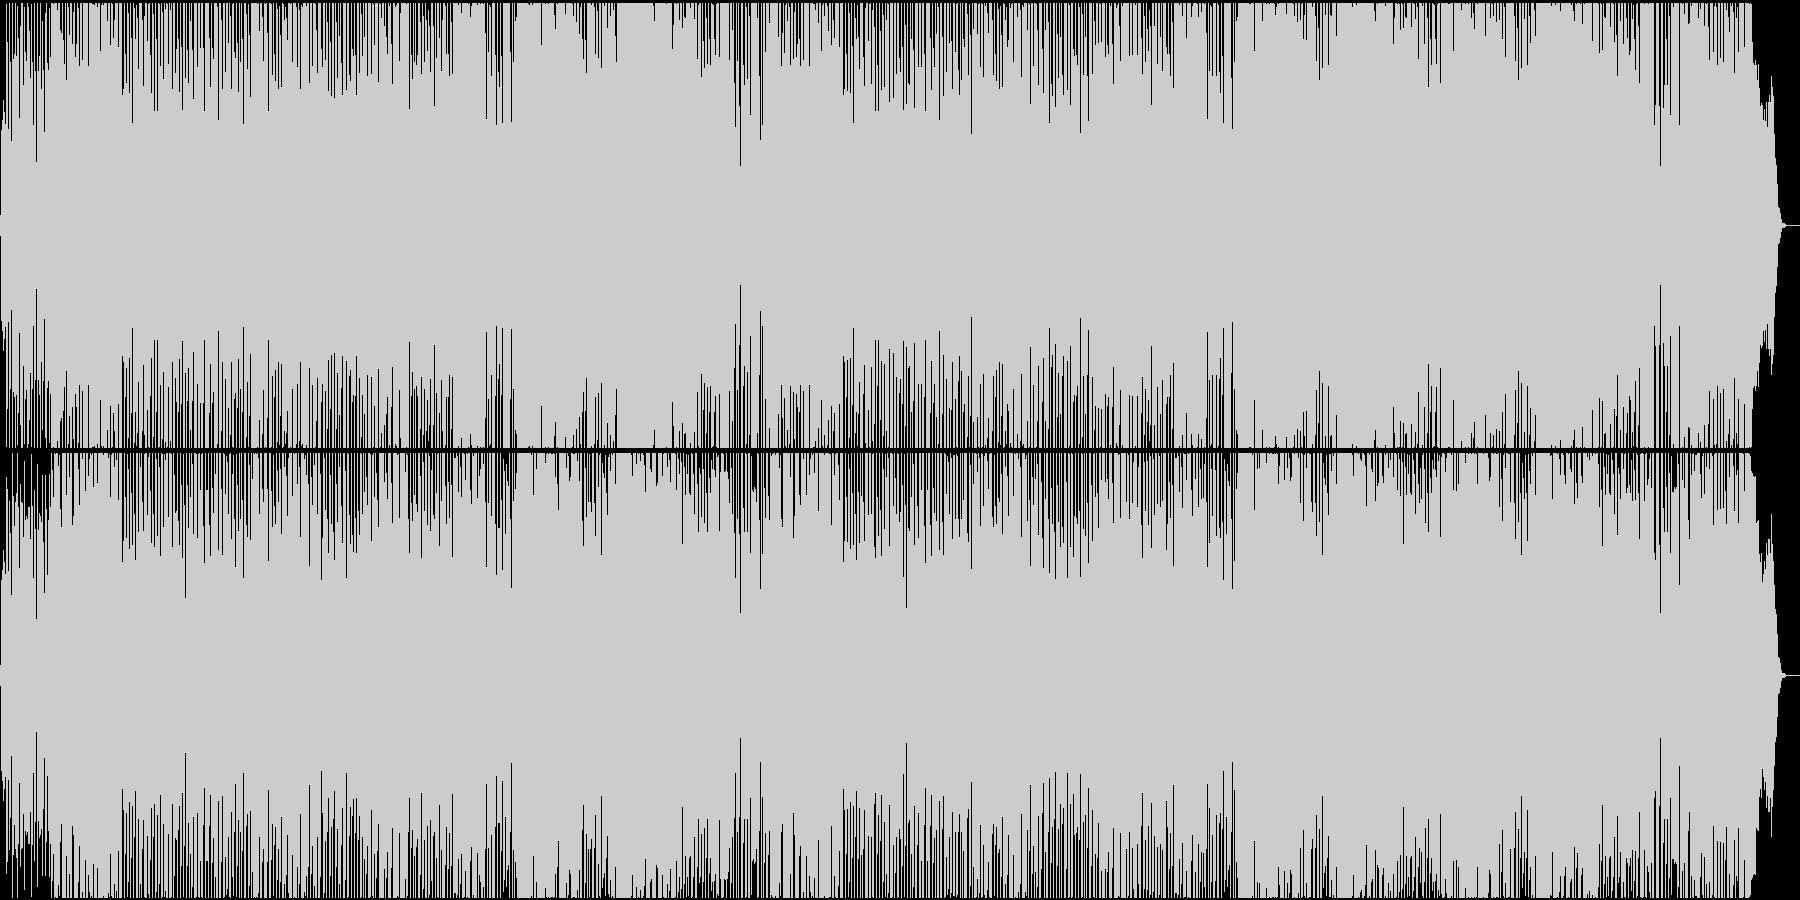 モータウンビートKick Ass Braの未再生の波形